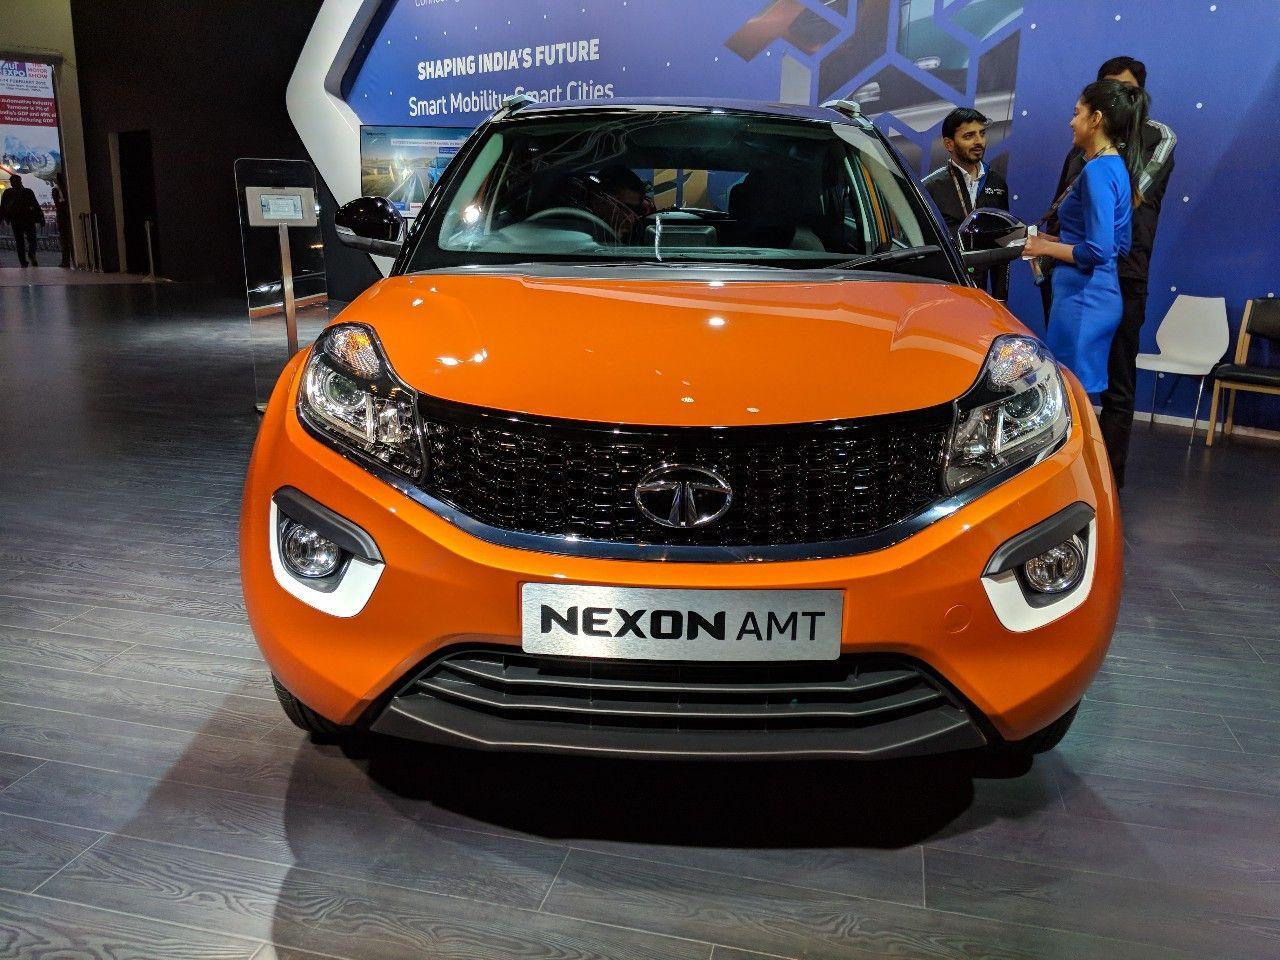 Tata Nexon AMT launched at INR 9.41 lakhs Compact suv